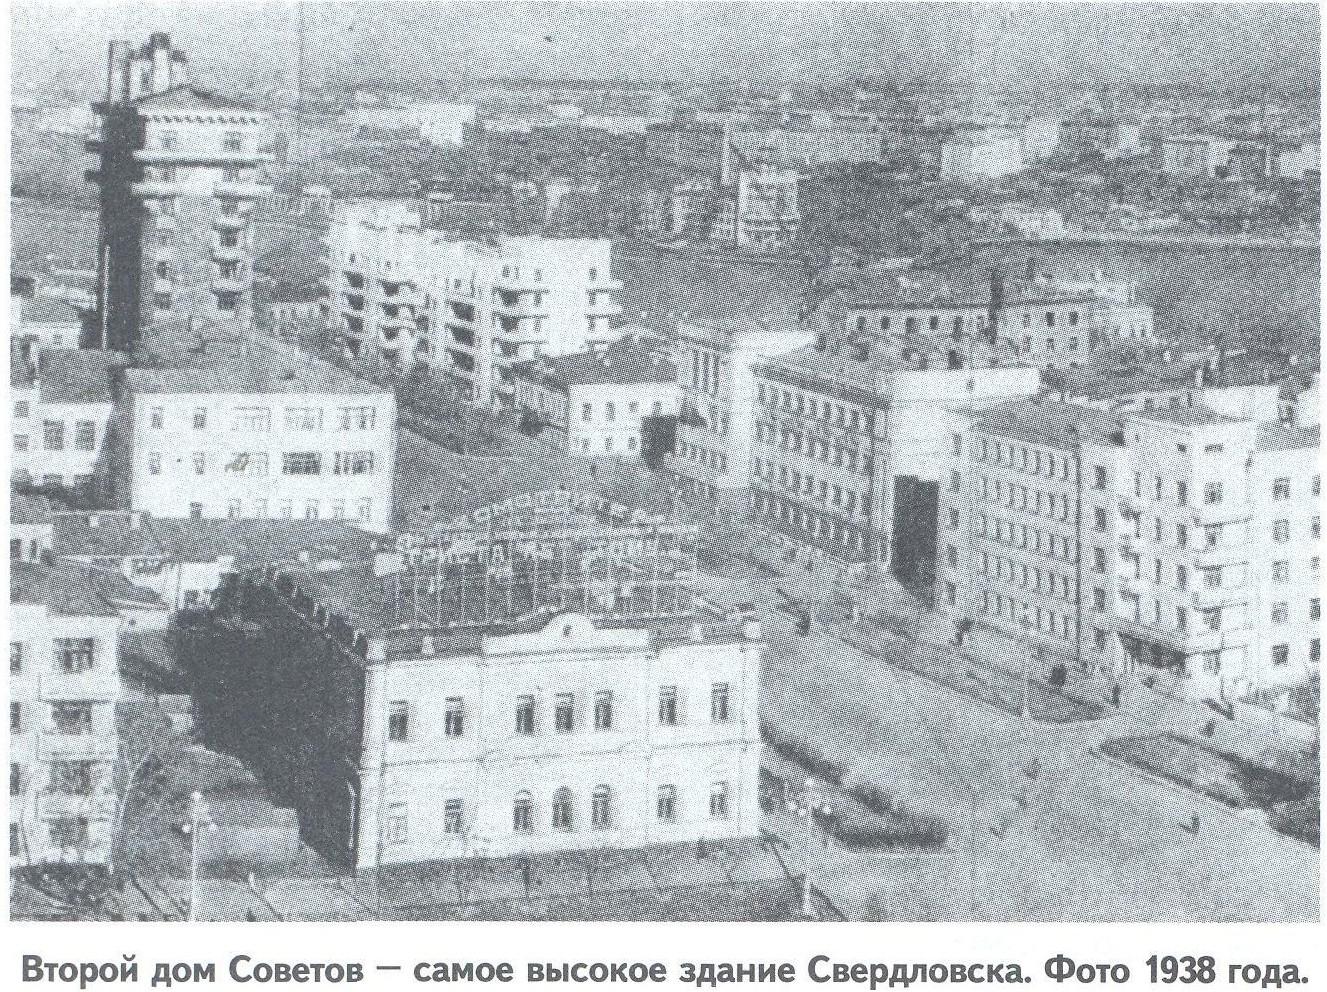 На тот момент это было самое высокое здание в Свердловске